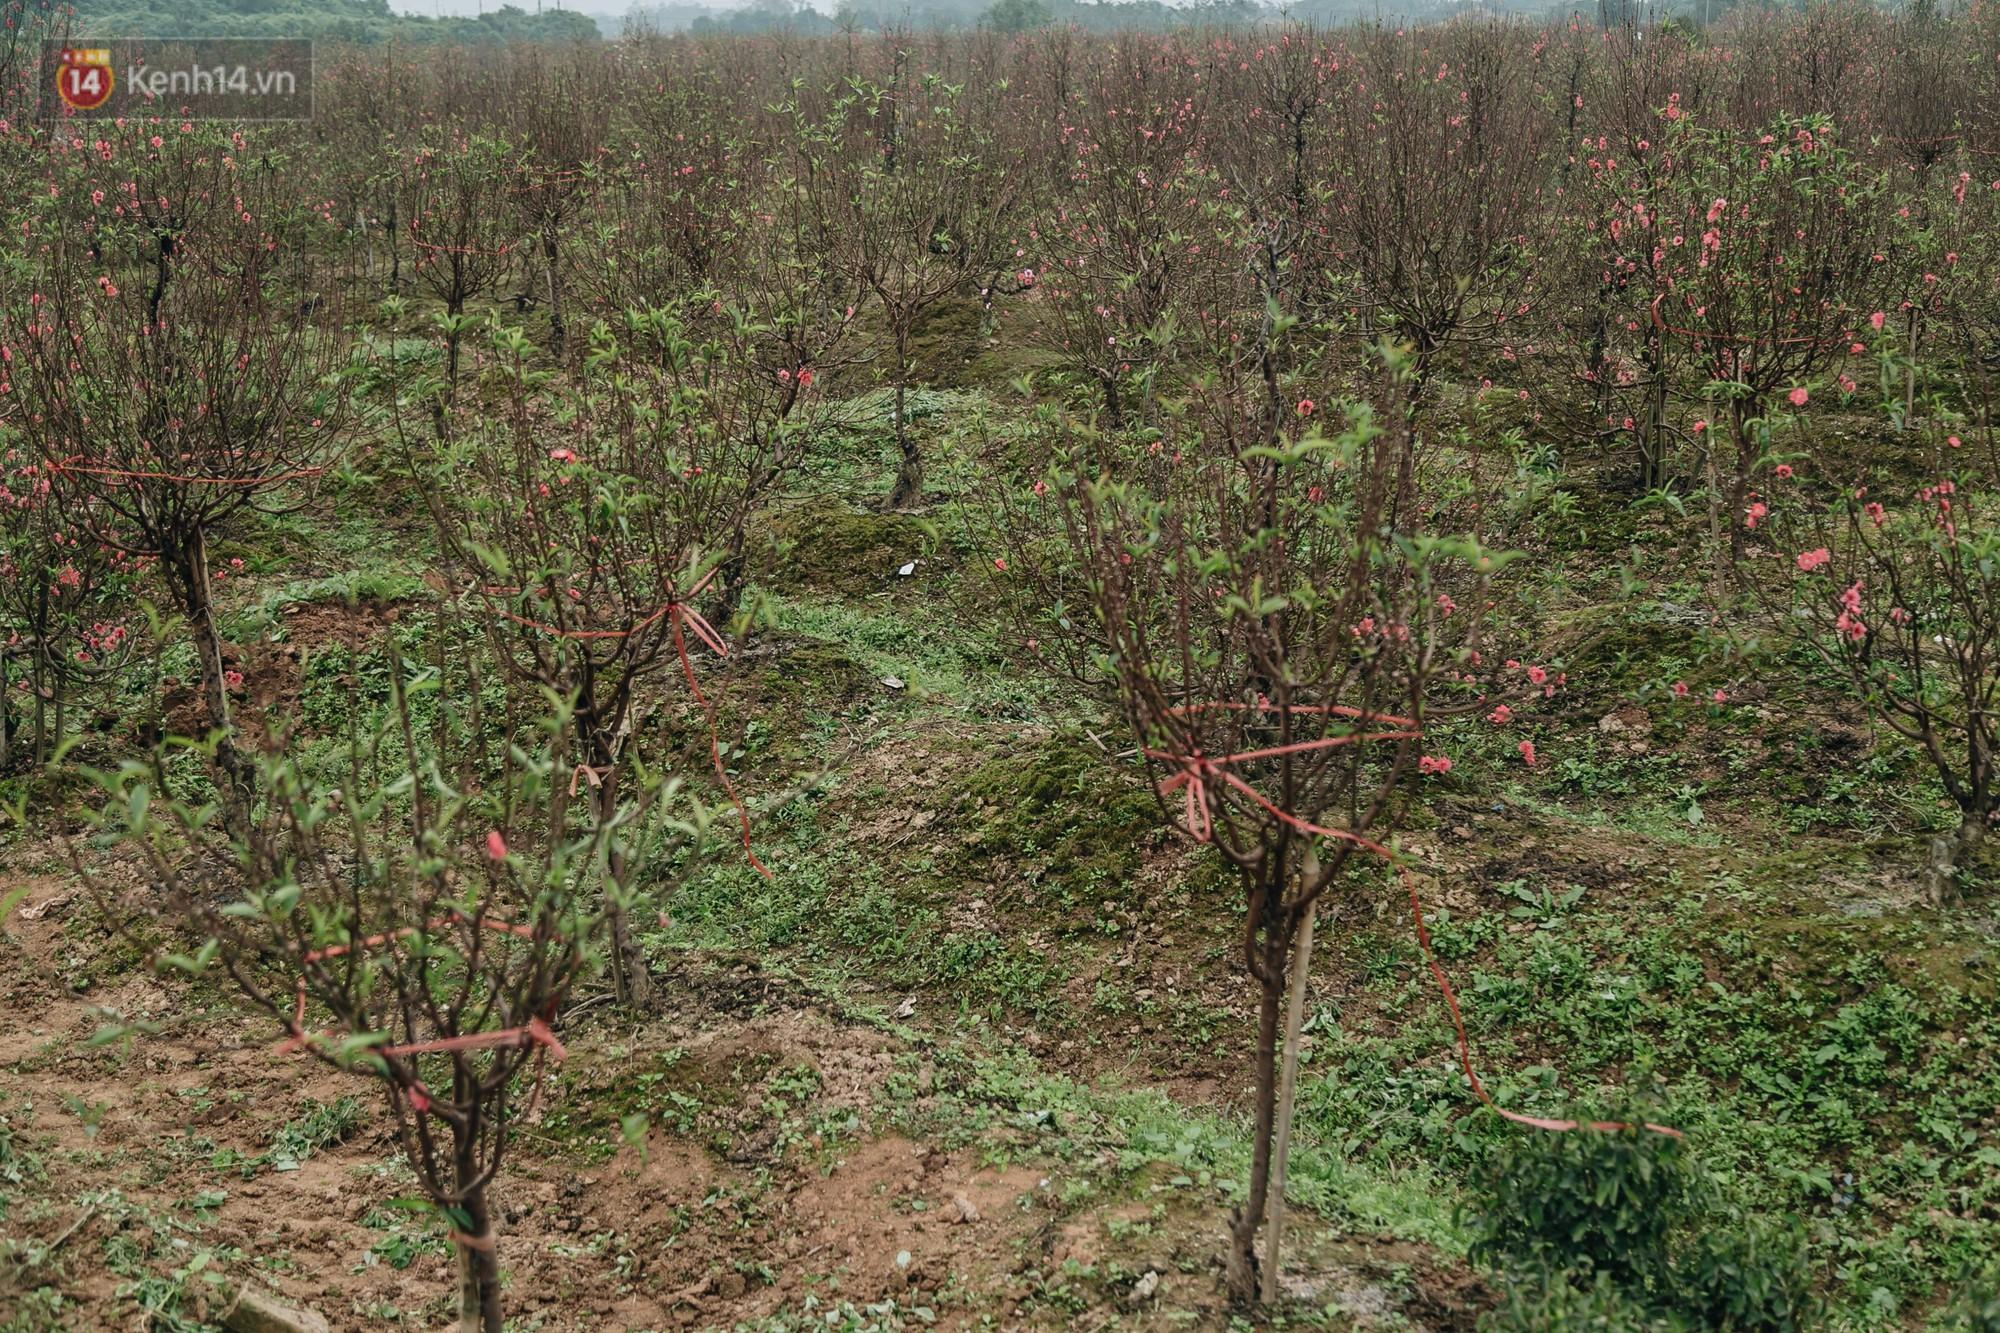 Gần 200 gốc đào của người dân Bắc Ninh bị chặt phá trong đêm: Tết năm nay còn chả có bánh chưng mà ăn-3